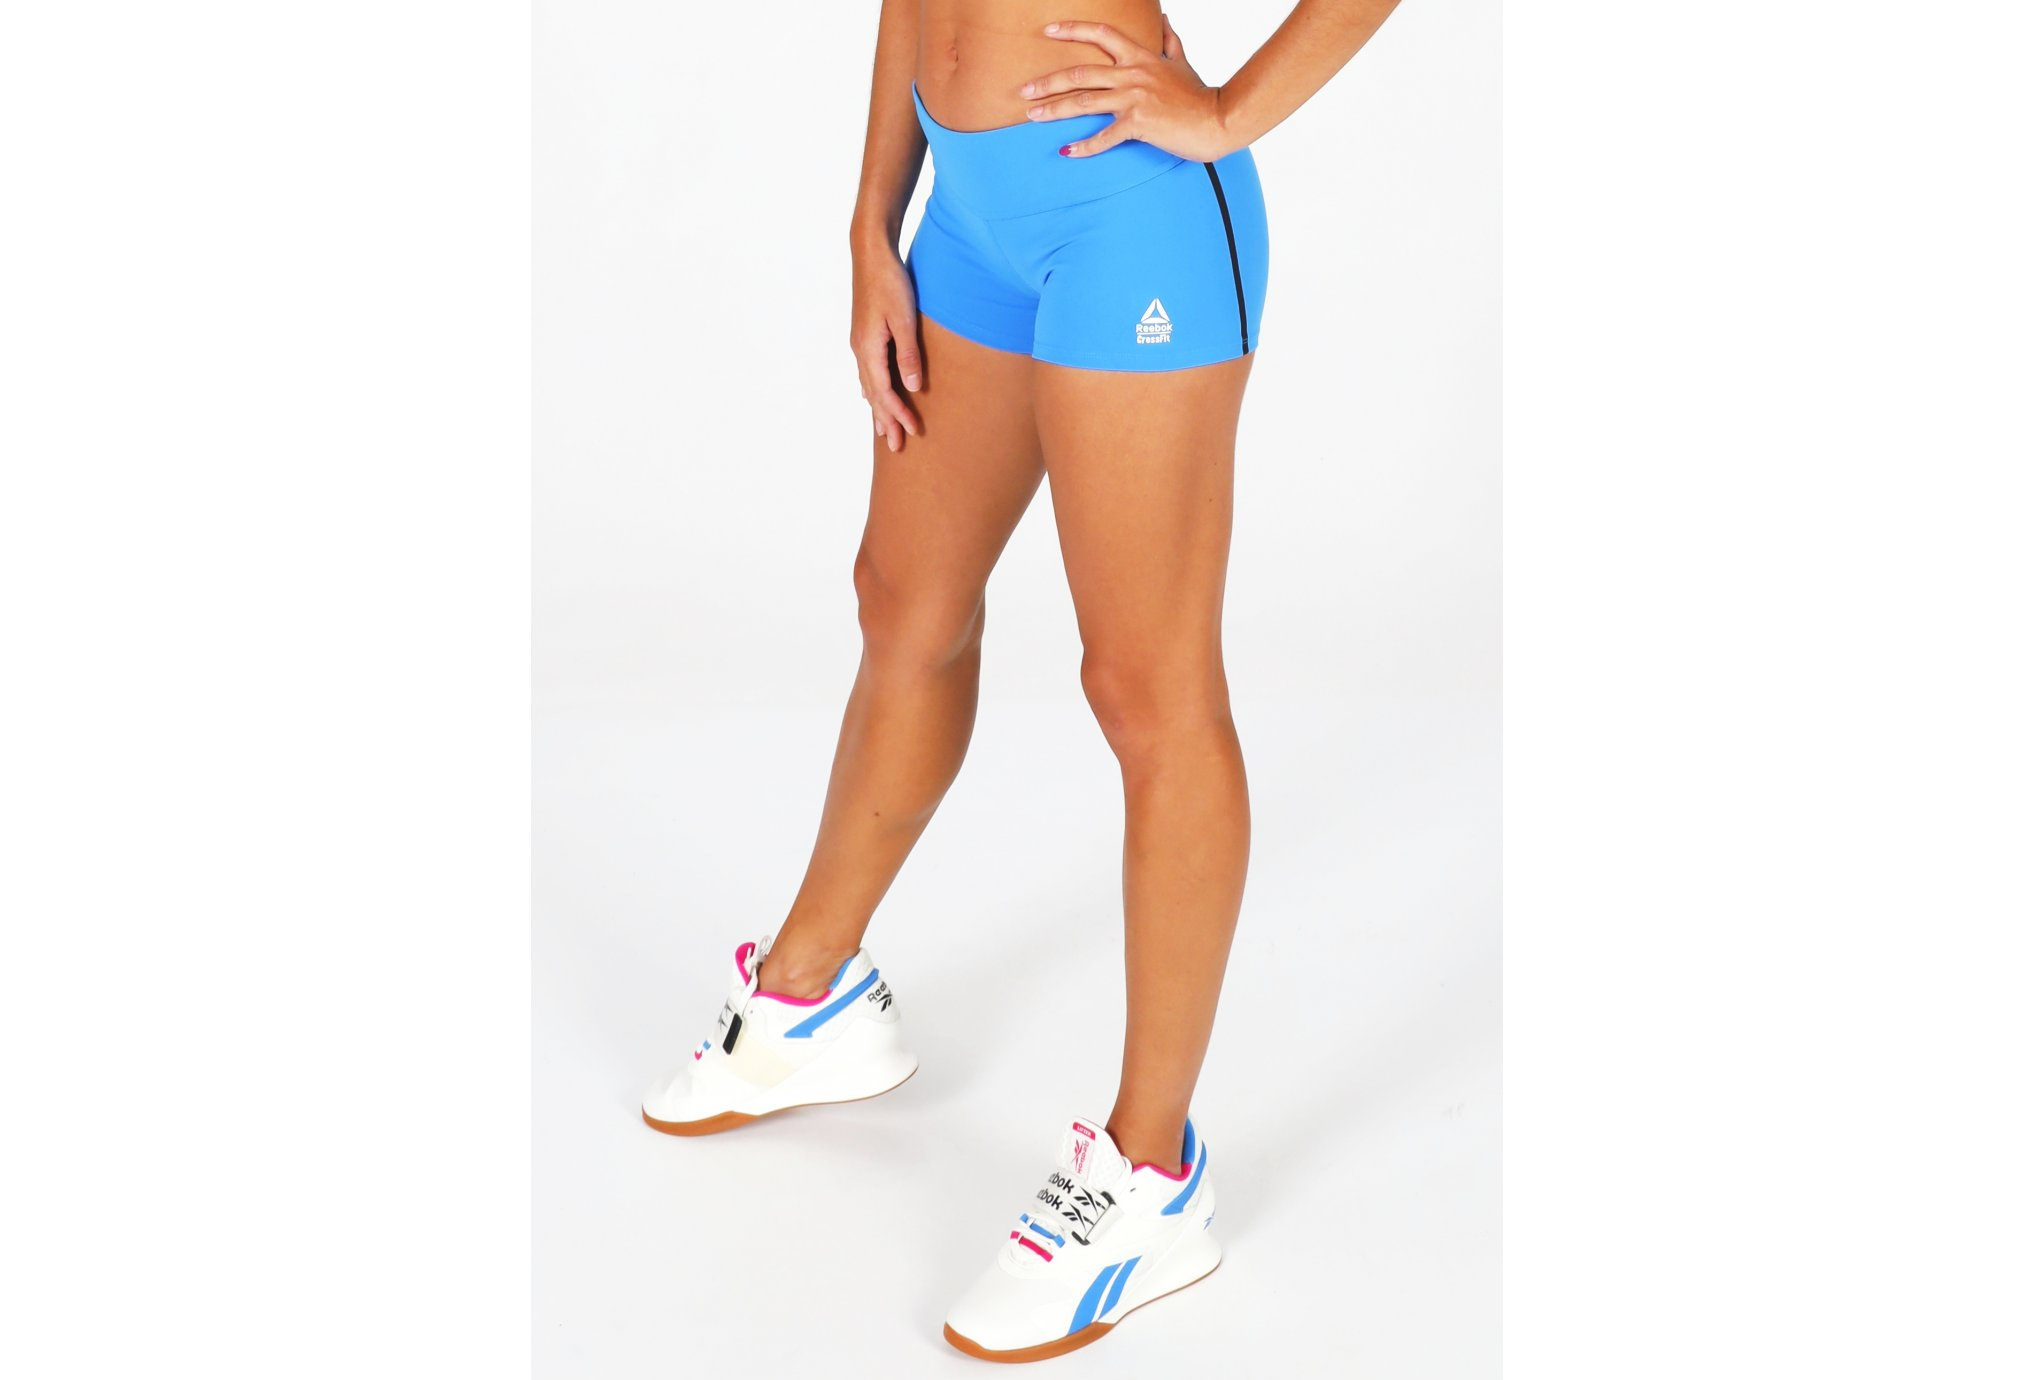 Reebok CrossFit Chase W Diététique Vêtements femme